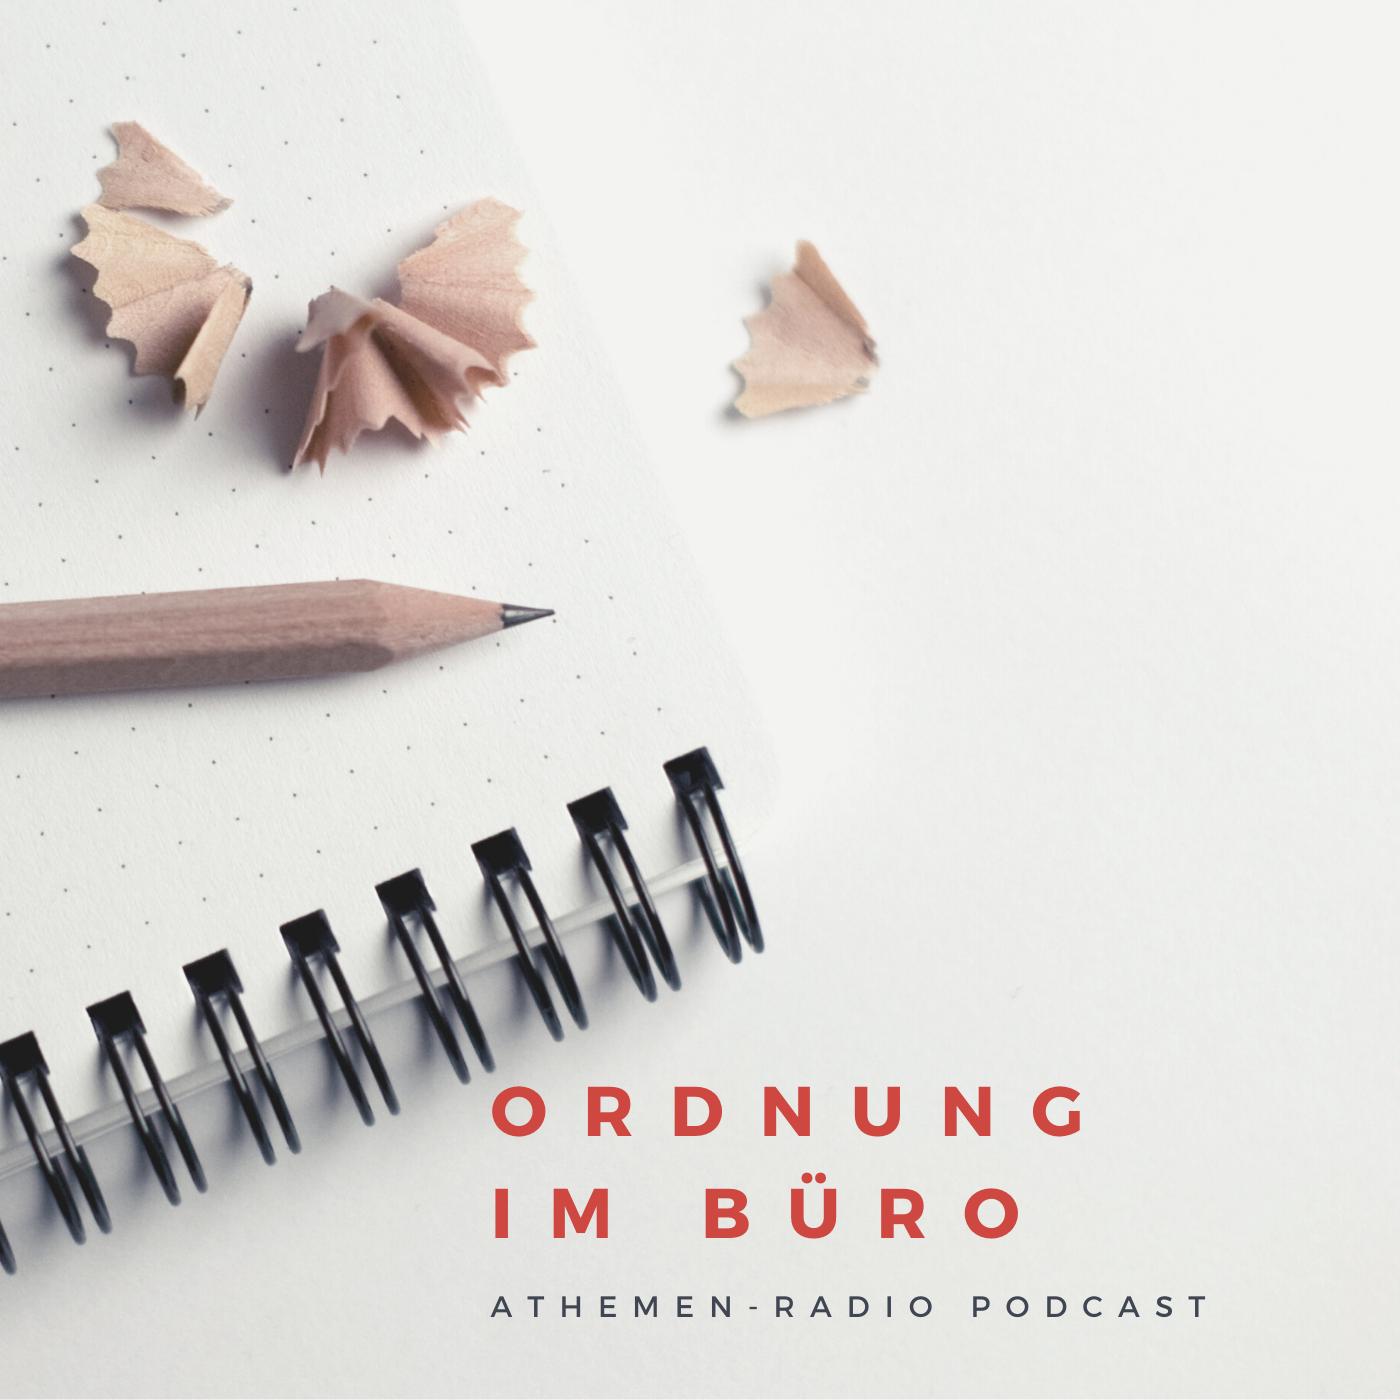 Themen-Radio.de